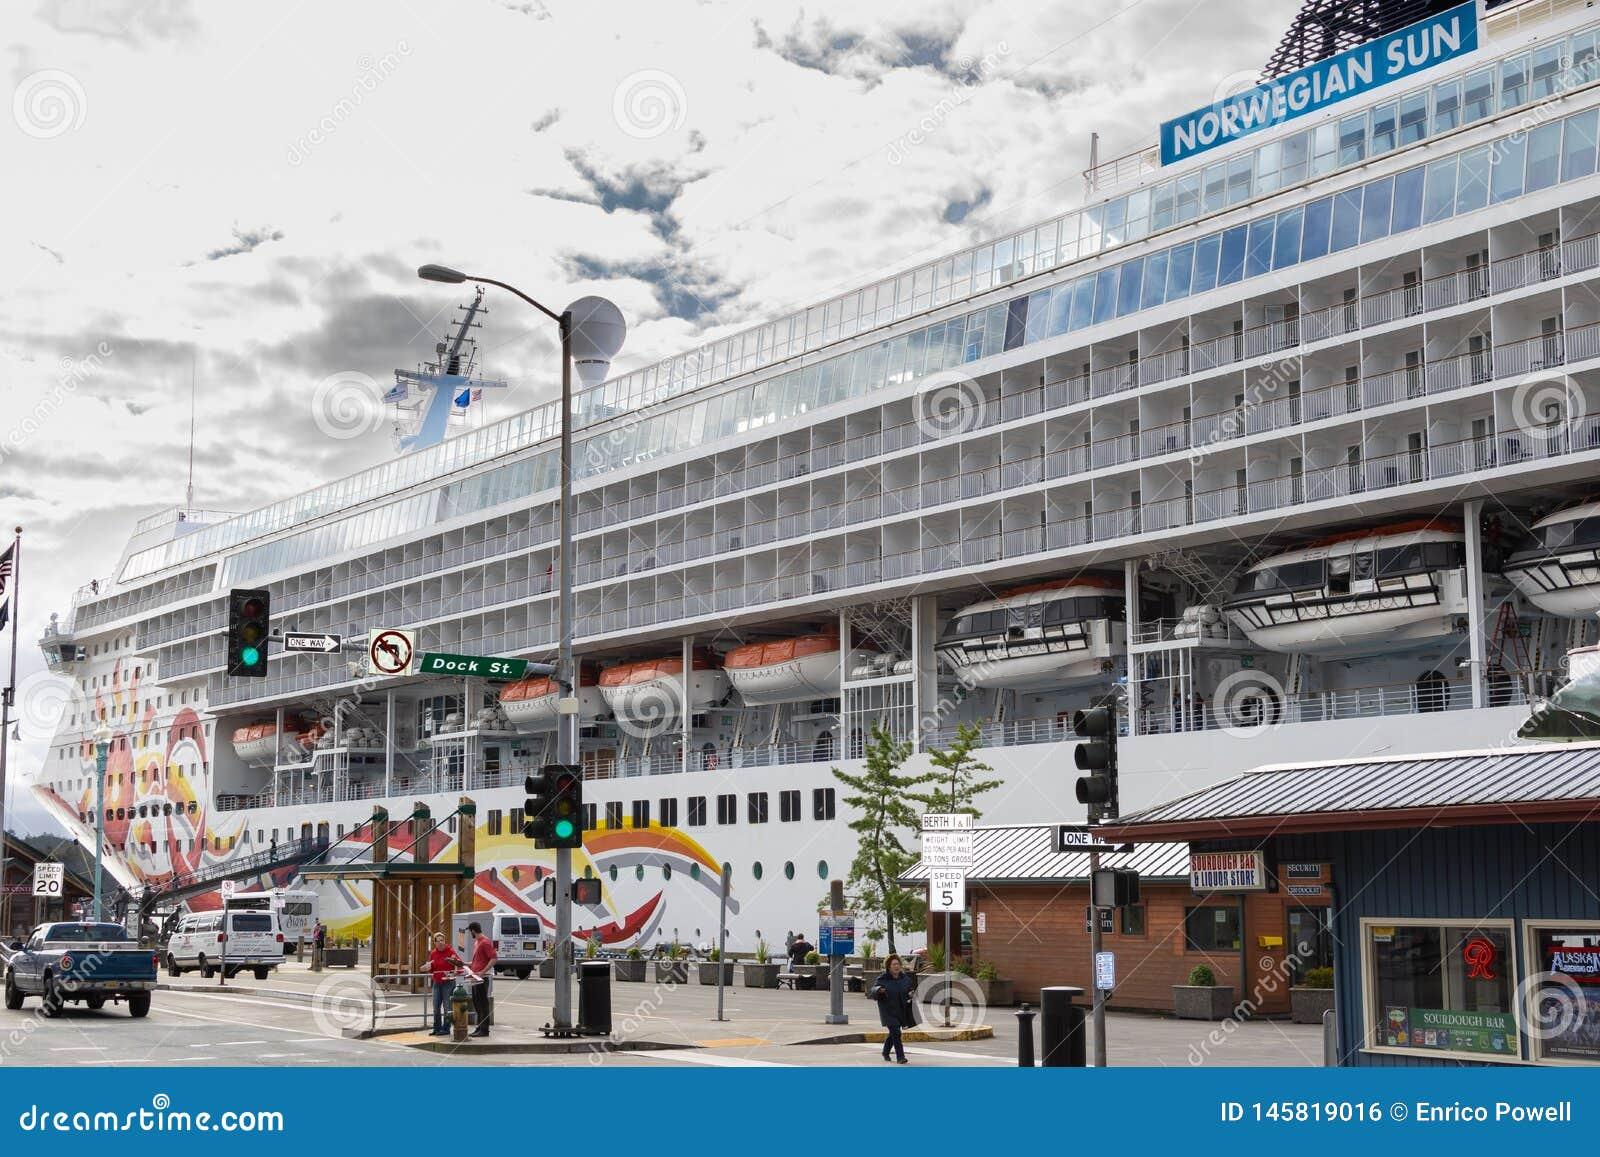 Norwegian NCL Sun Cruise Ship docked in downtown Ketchikan, Alaska